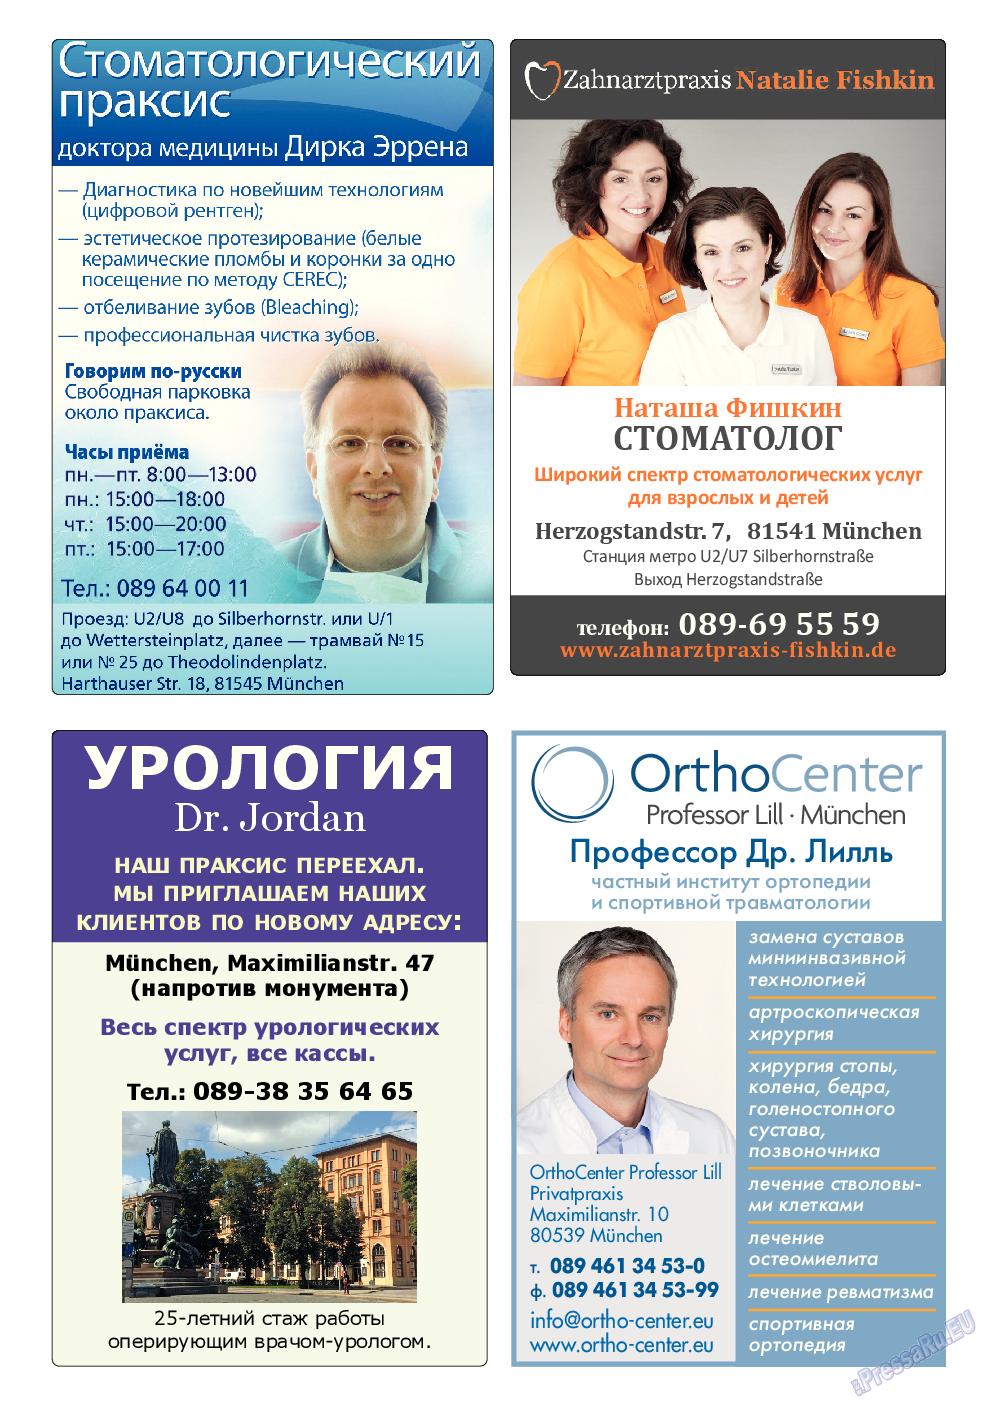 Апельсин (журнал). 2014 год, номер 63, стр. 42